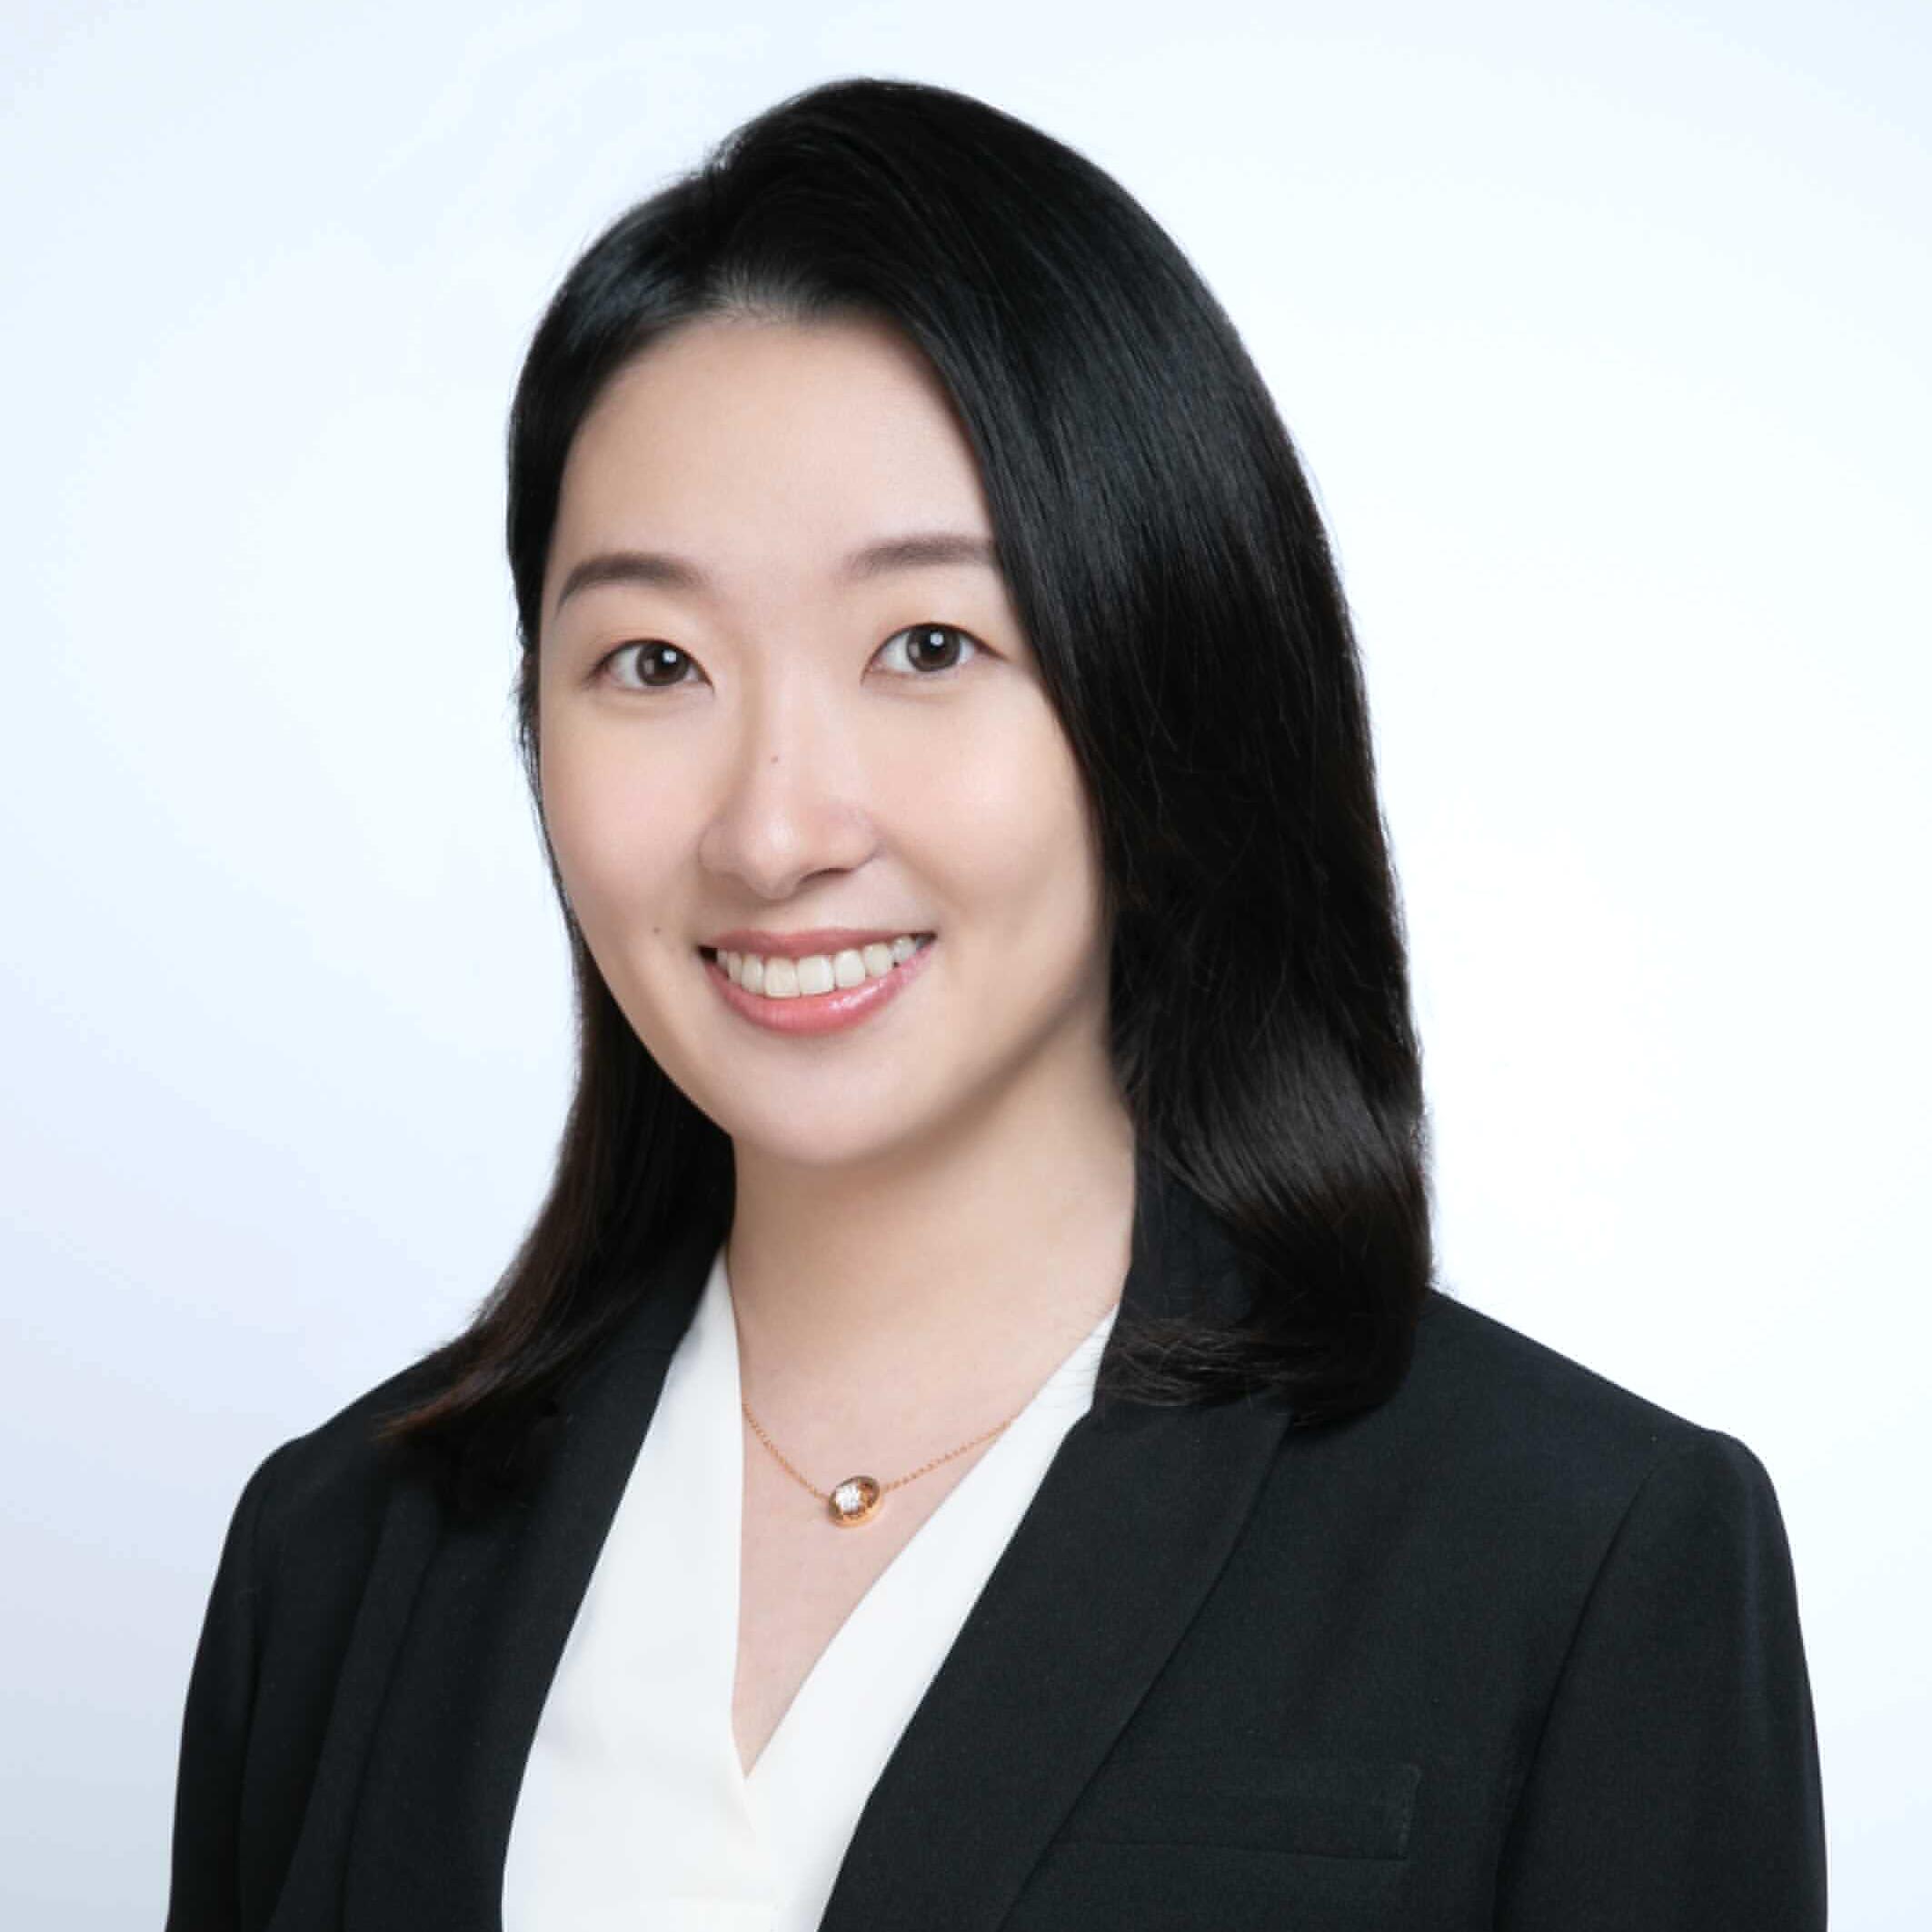 Cassie Liu